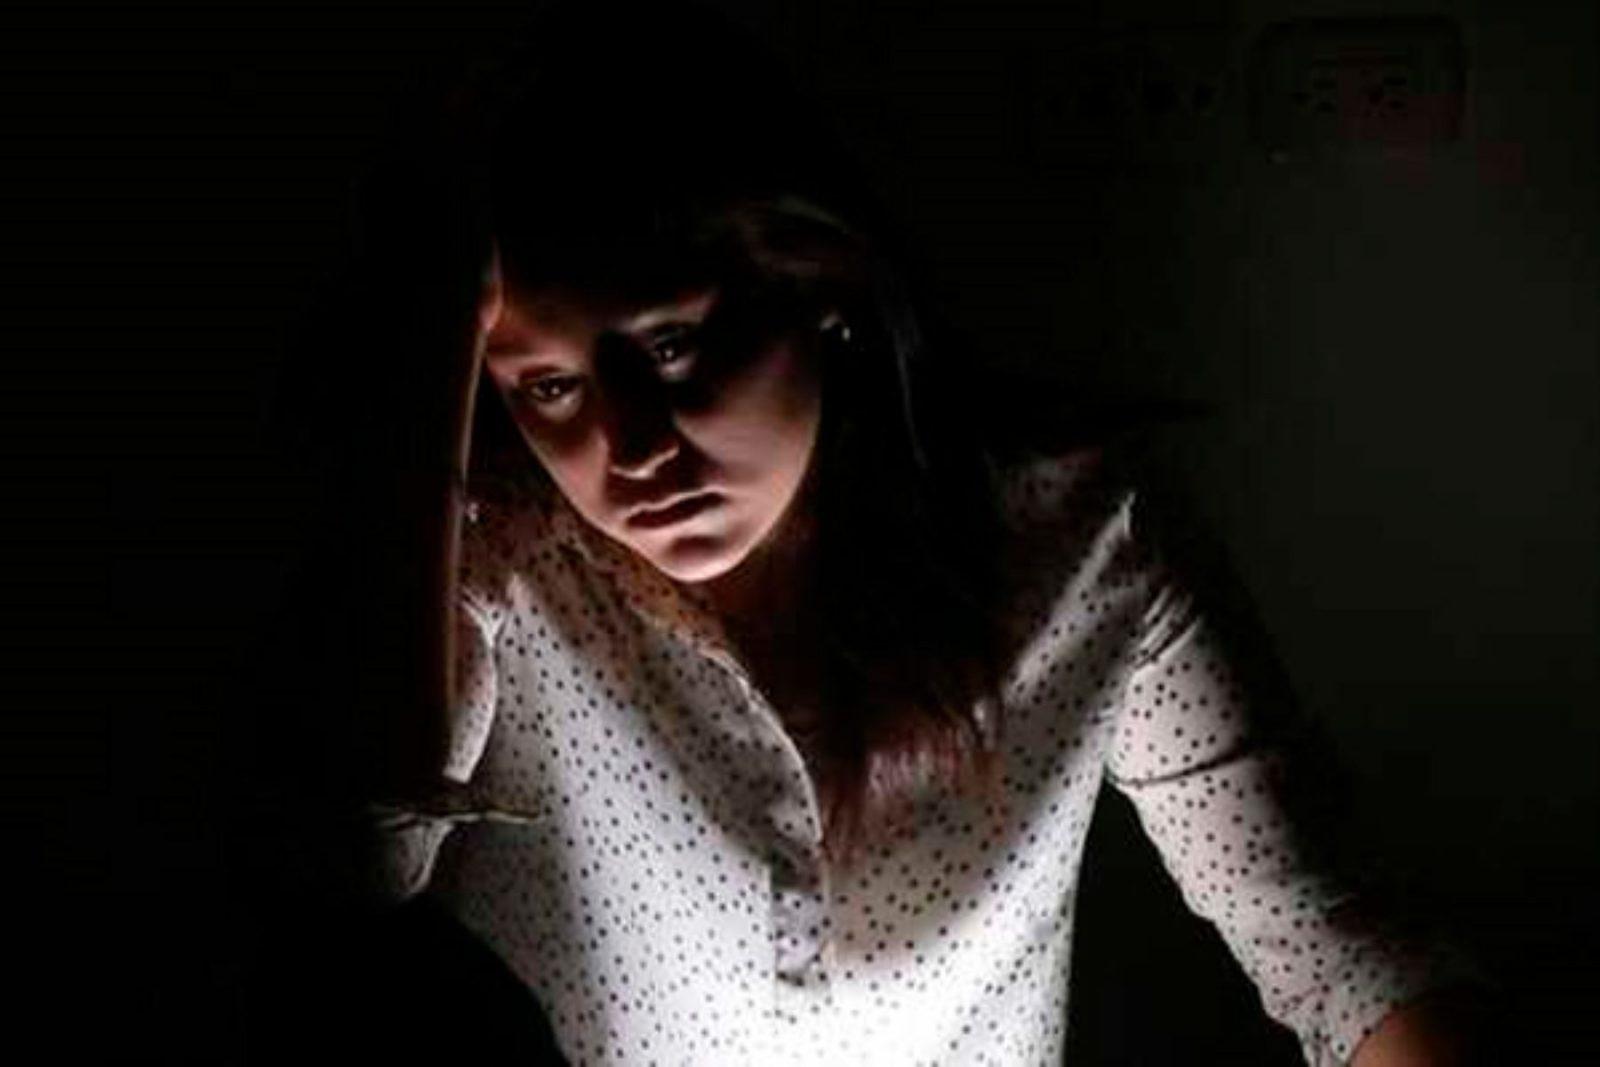 Indicadores suicidas se incrementaron por la pandemia